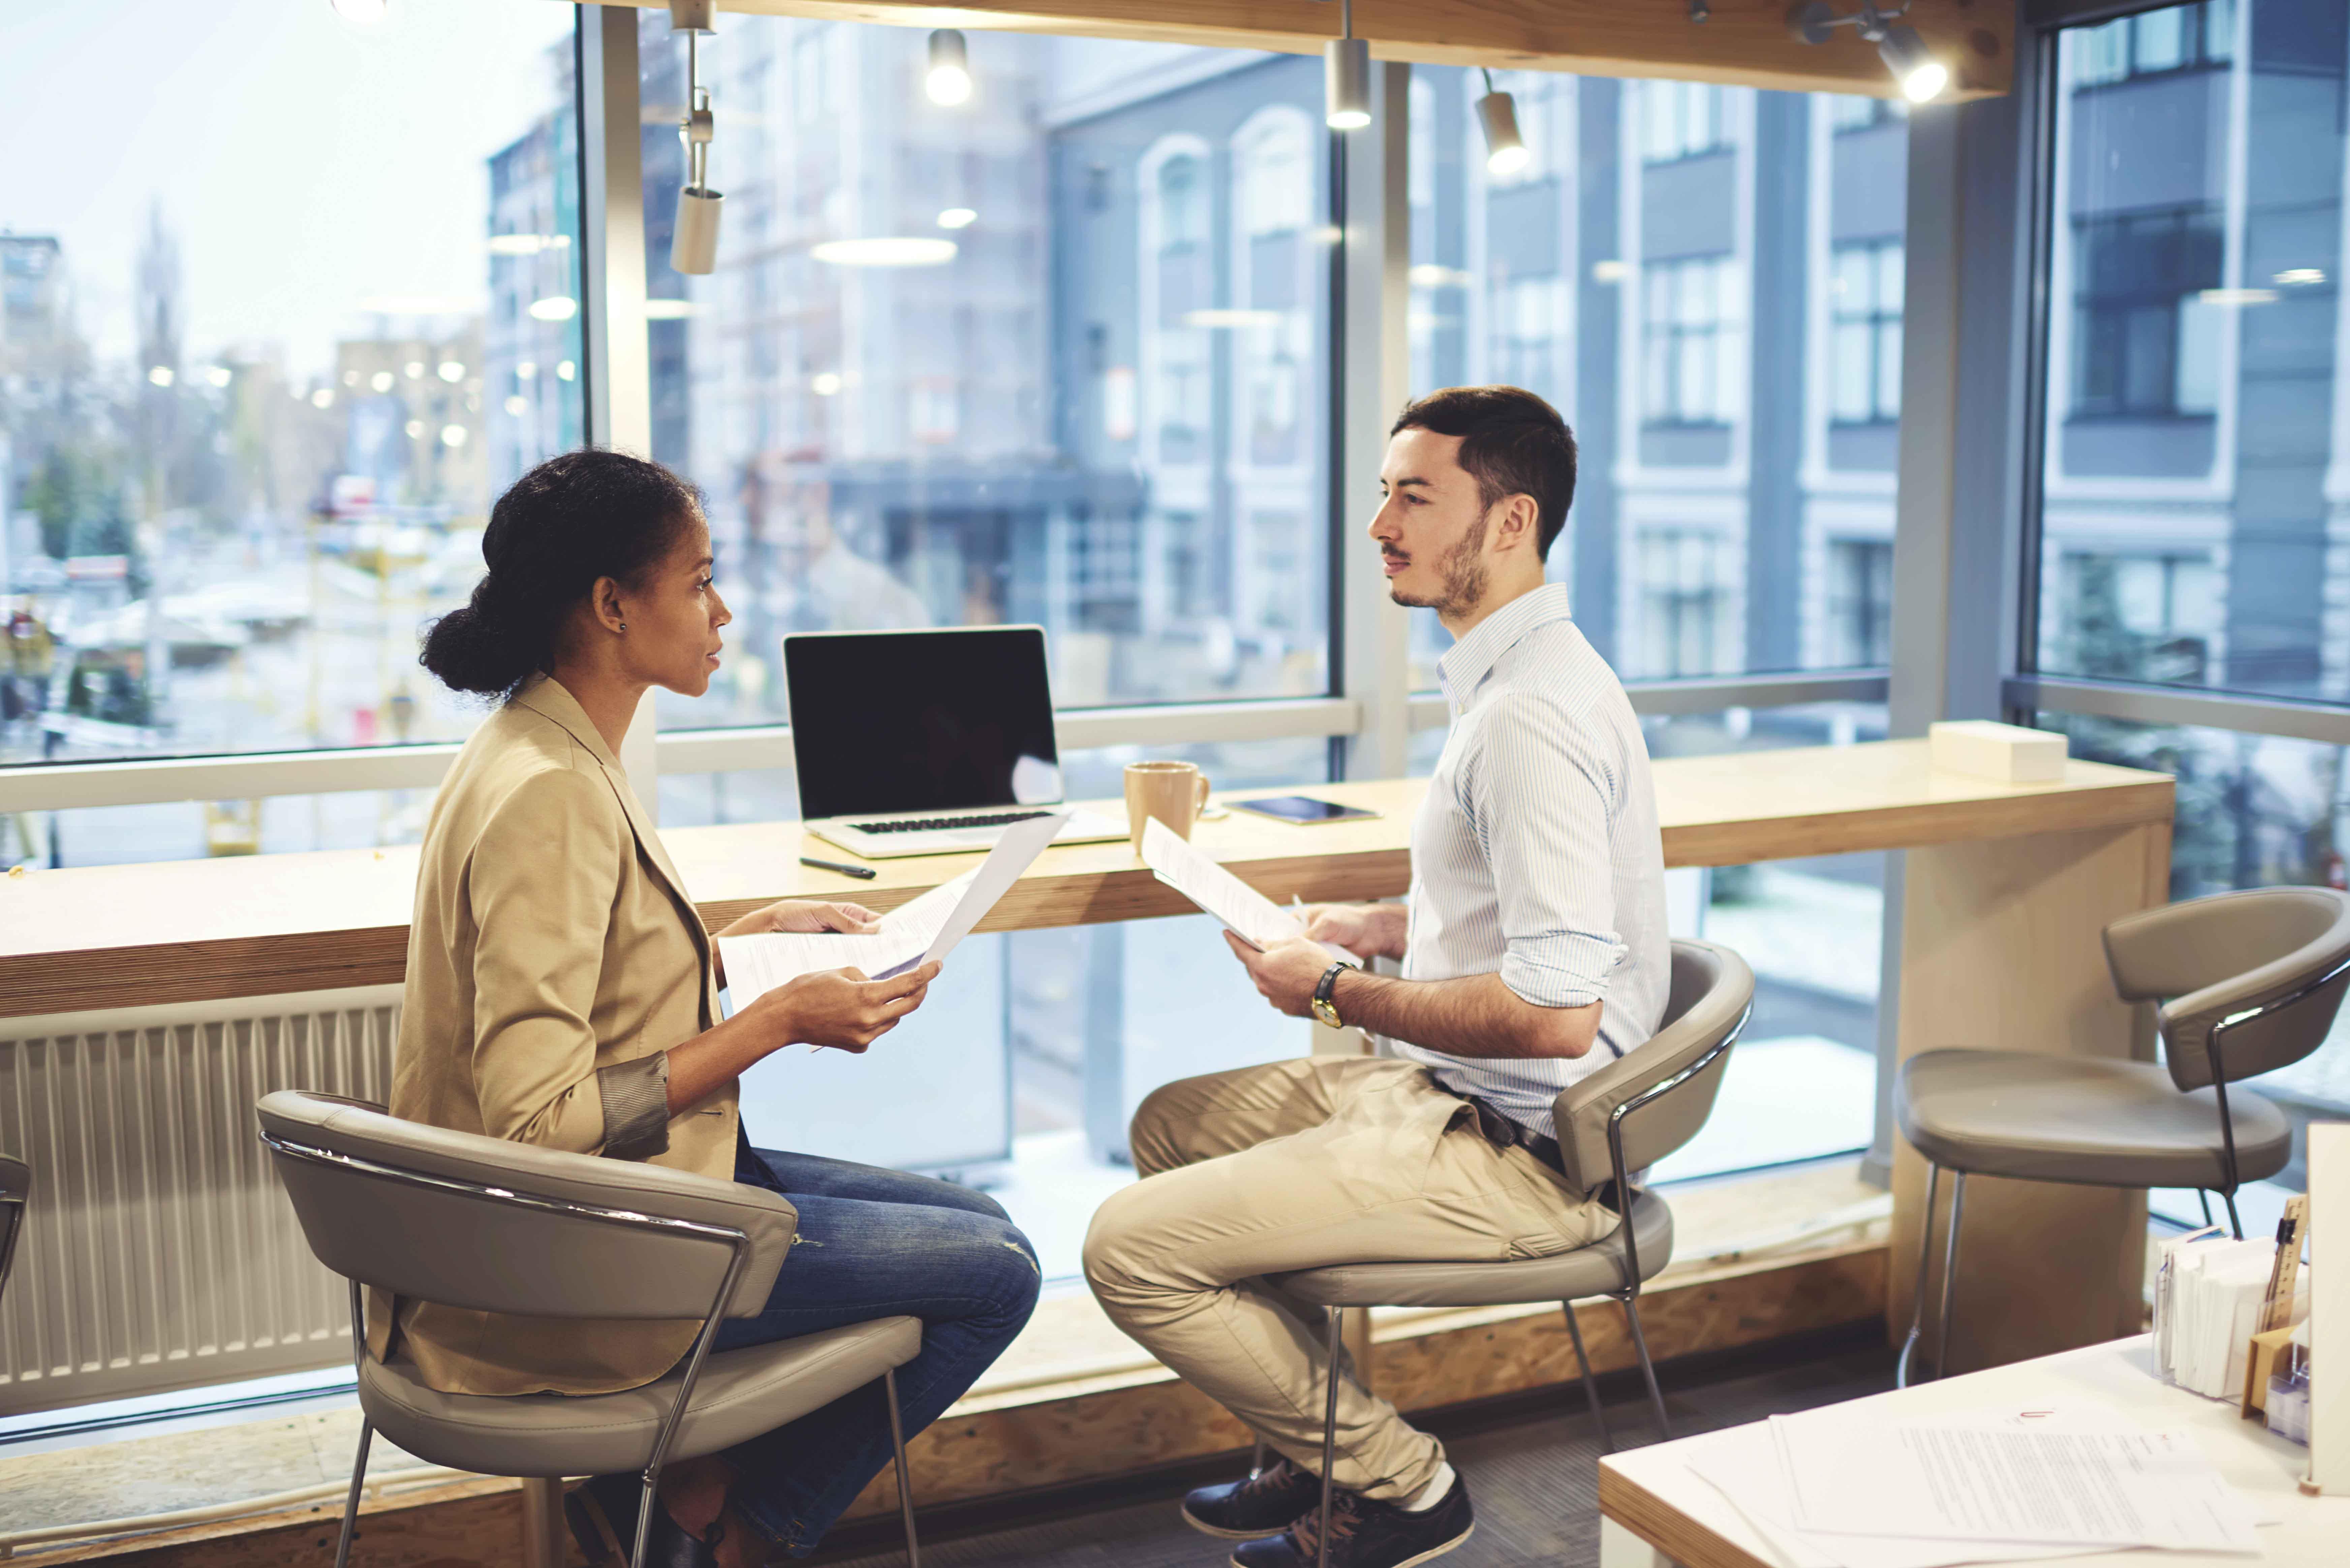 Chico y chica en entrevista de trabajo